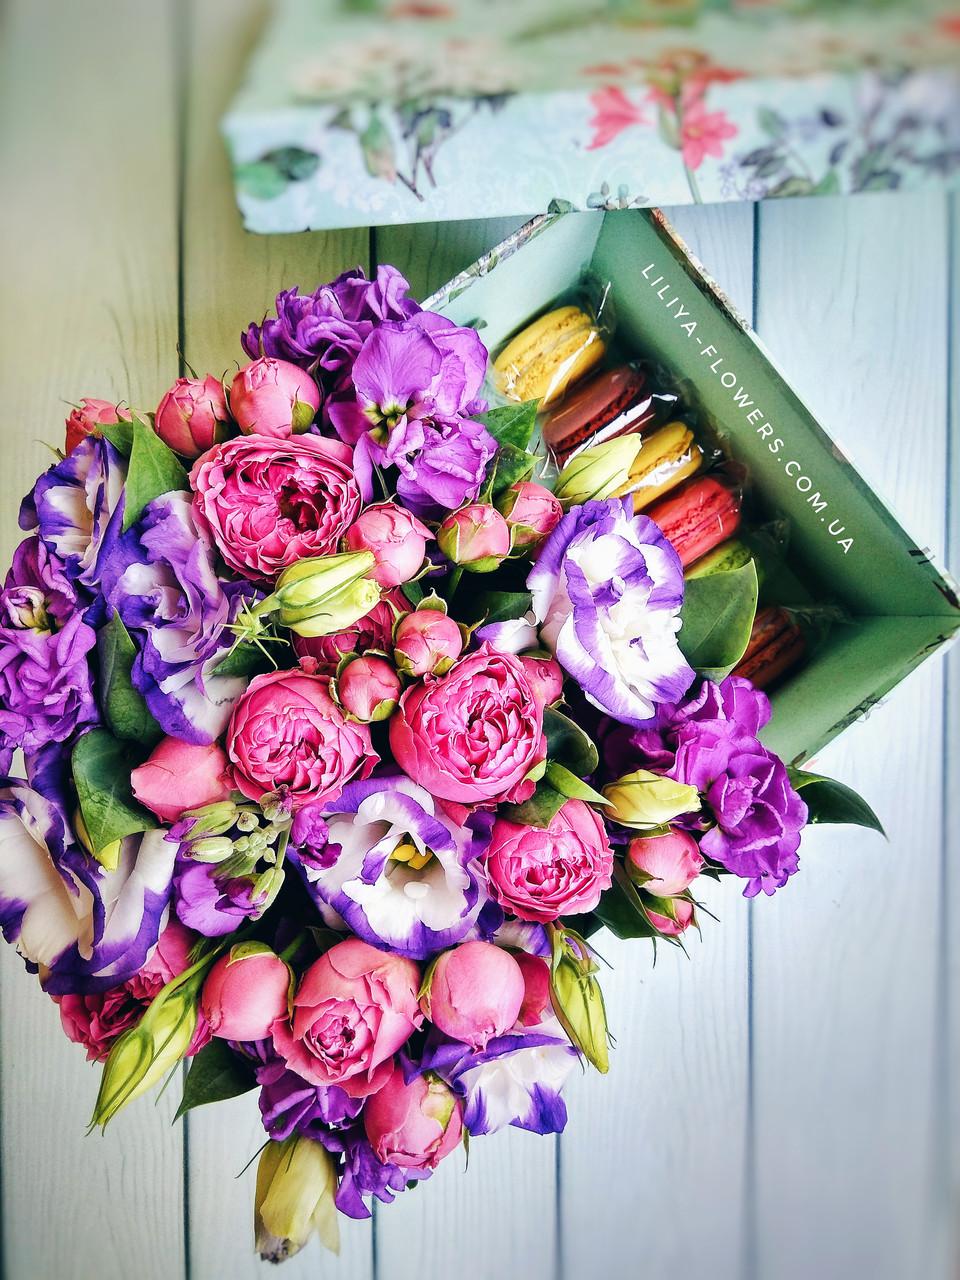 Композиция из цветов в коробке с макарунами